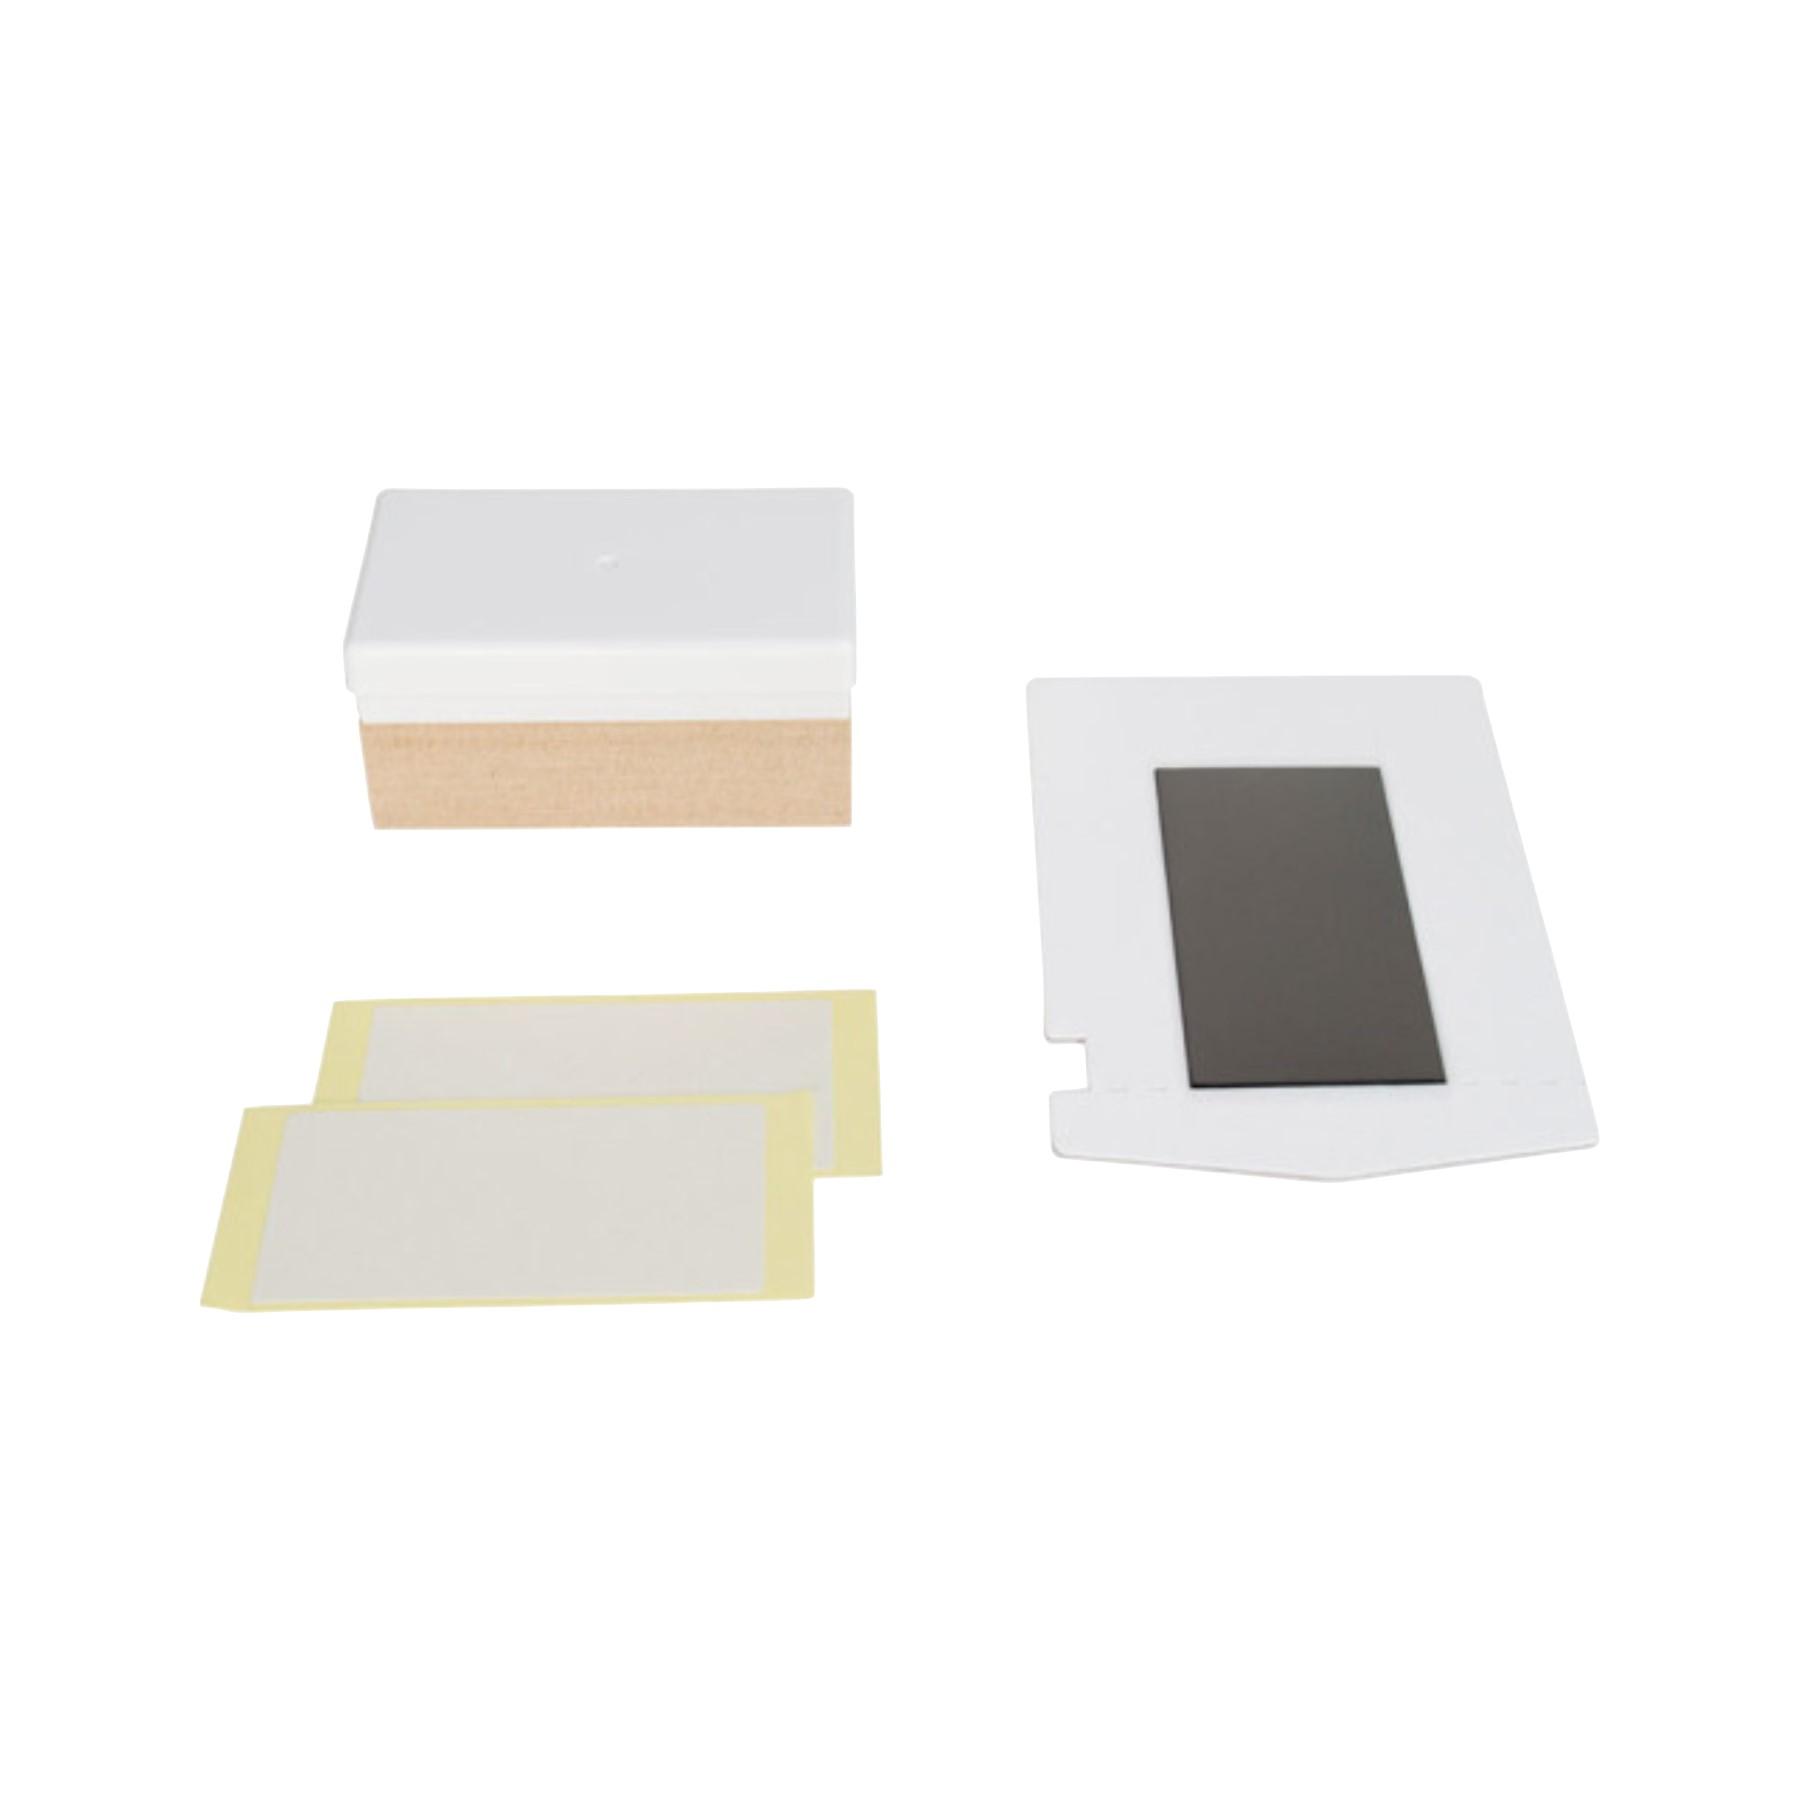 Kit de timbre 1,5 x 3 cm